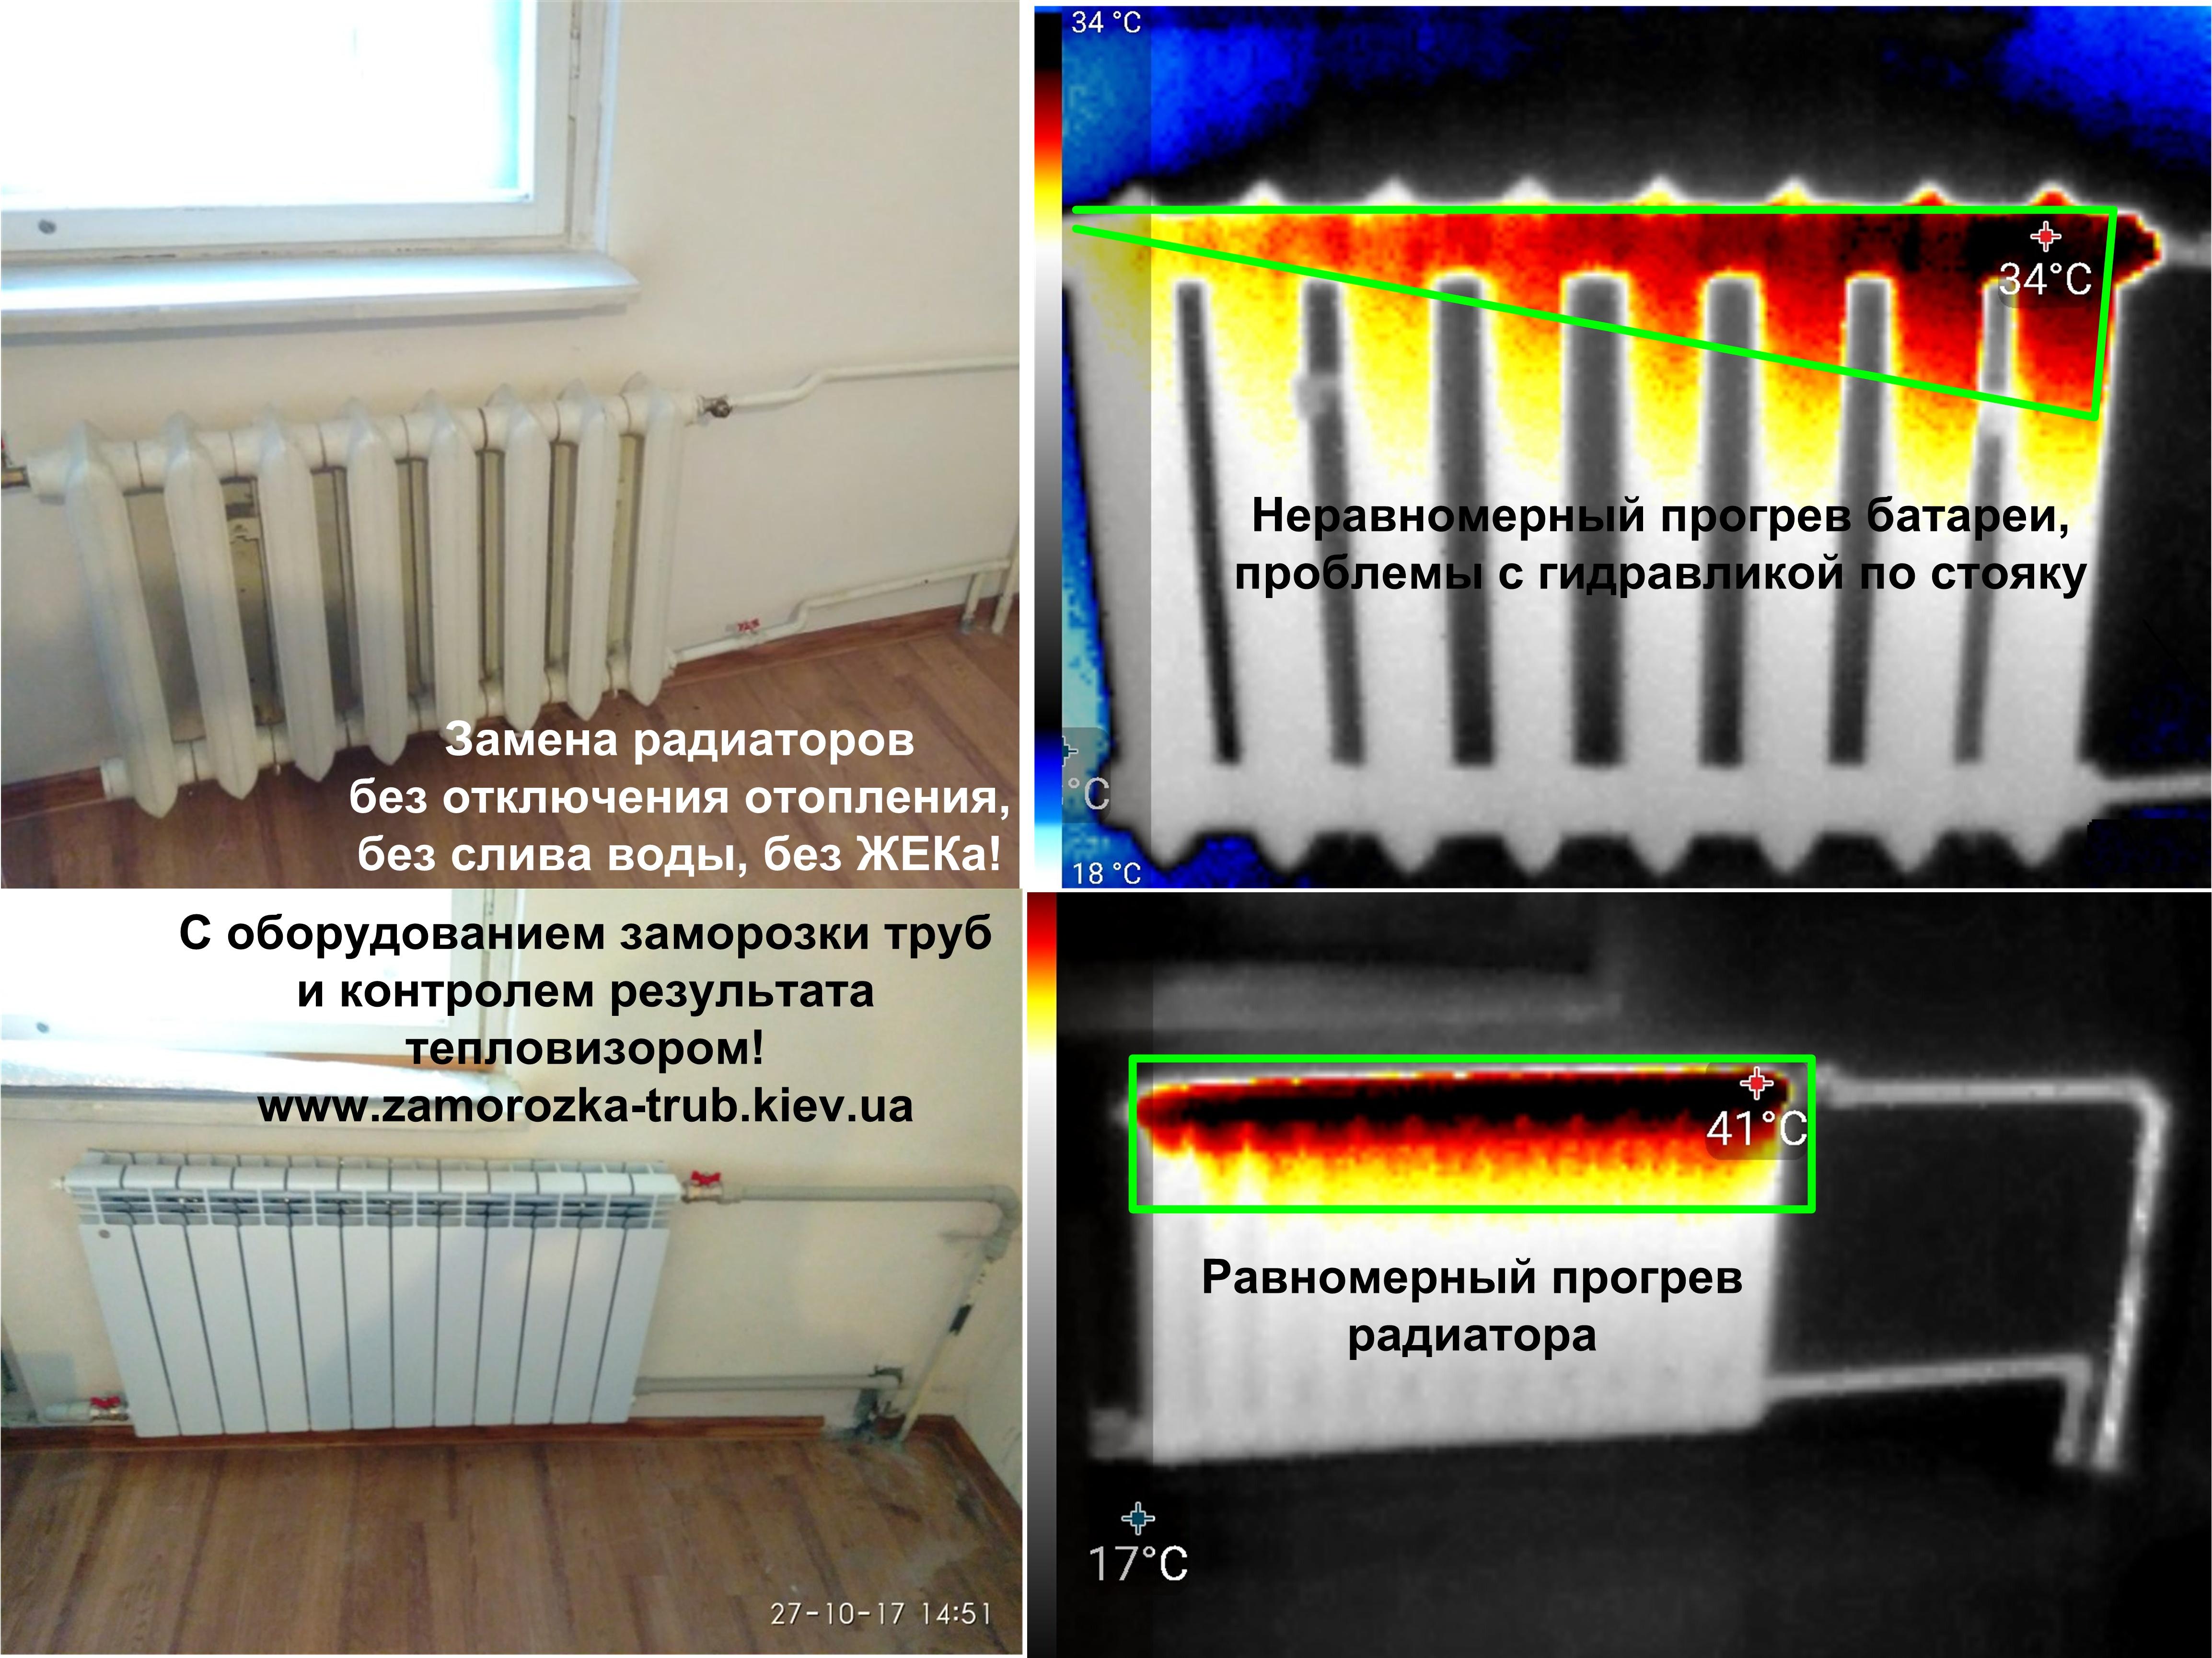 Теплоотдача радиаторов отопления - делаем расчет